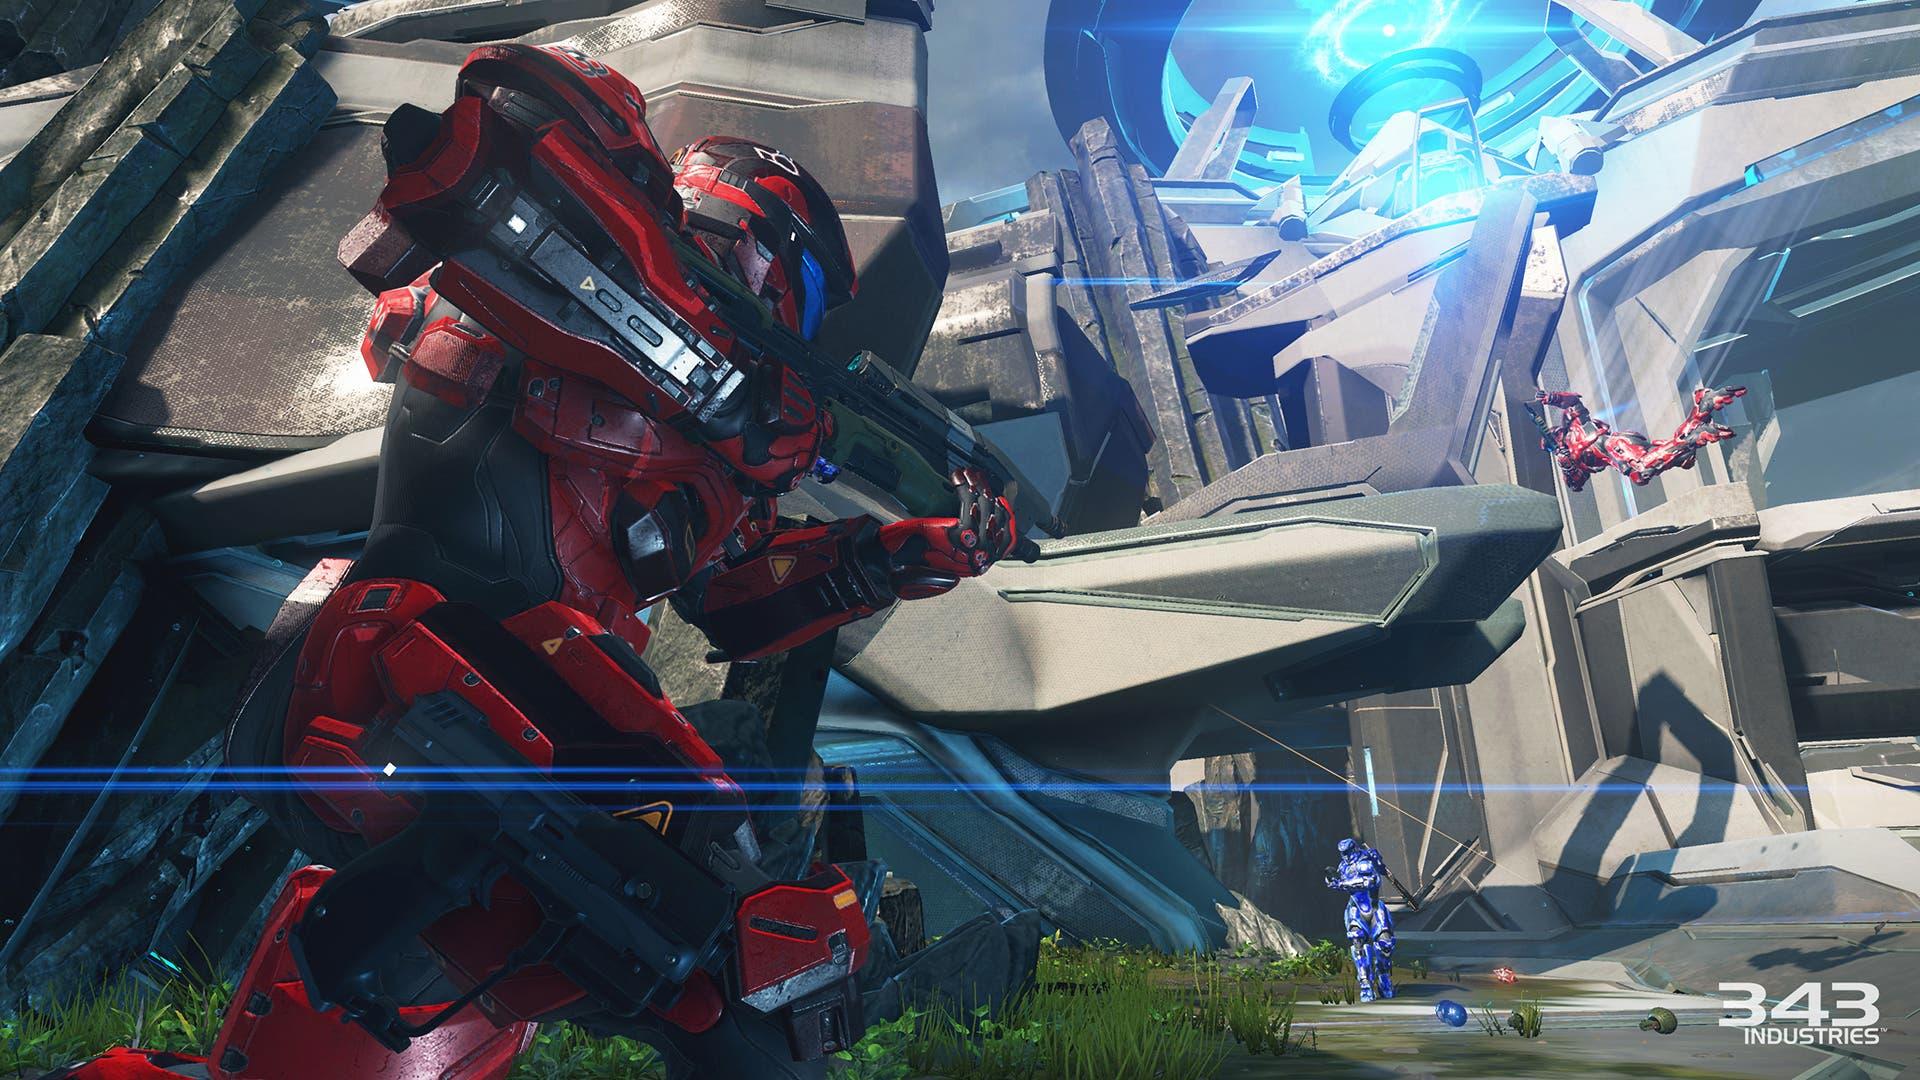 Extenso gameplay del modo Warzone de Halo 5: Guardians con el uso de vehículos 1